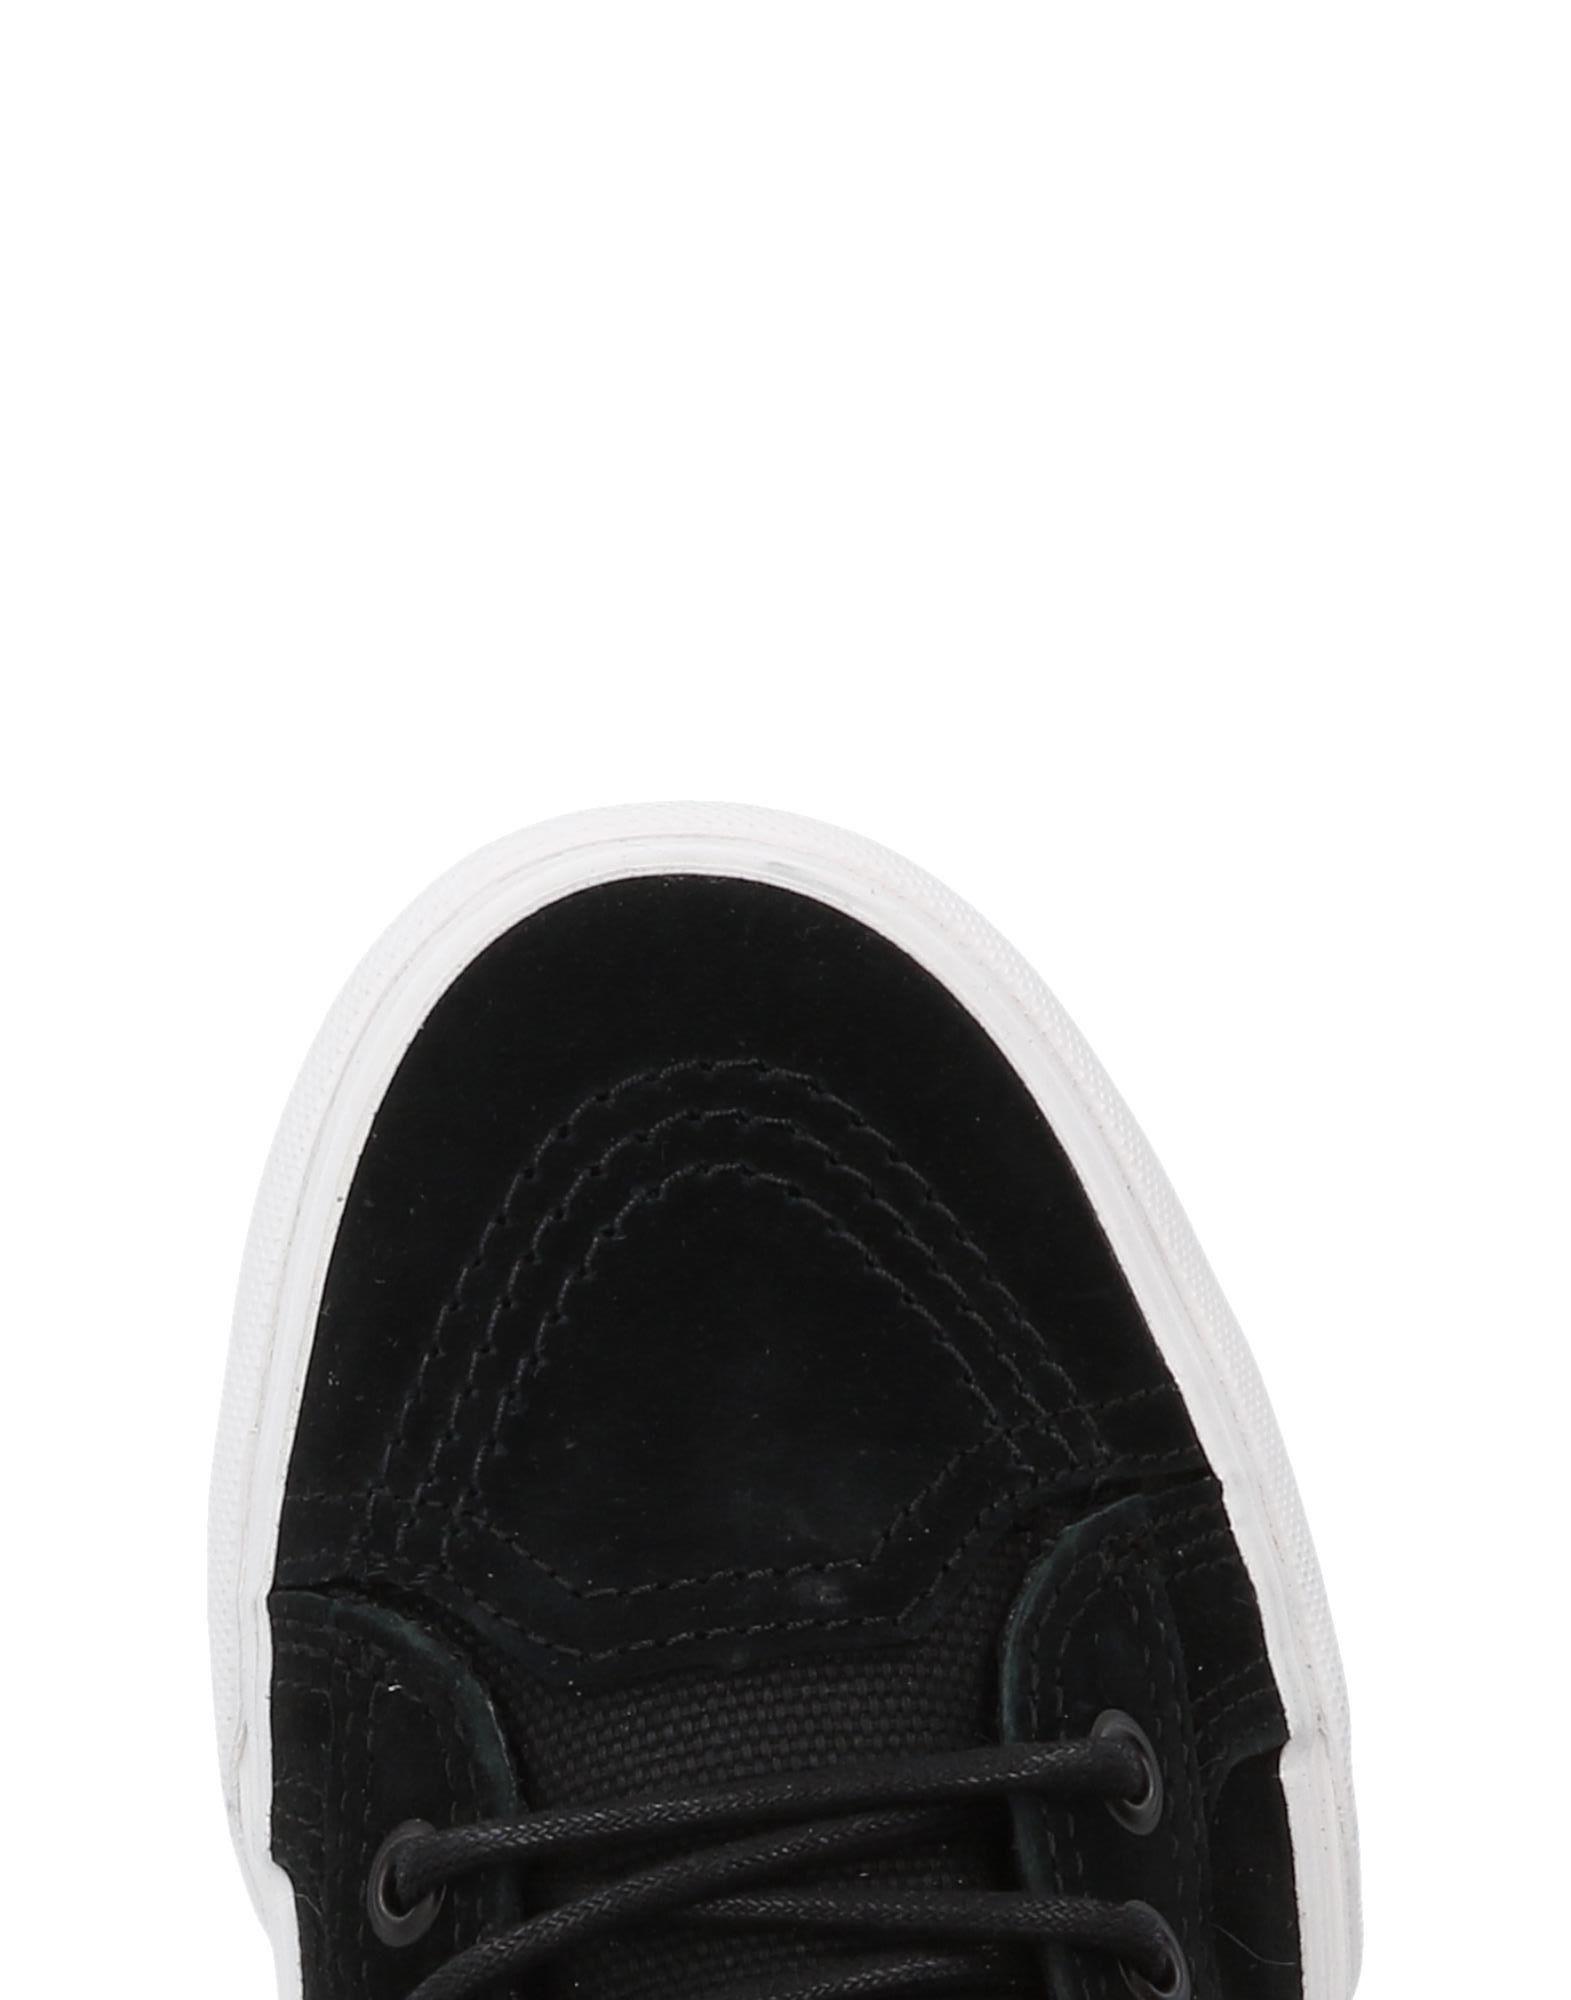 Vans 11475880WQ Sneakers Damen  11475880WQ Vans Gute Qualität beliebte Schuhe 79f0d5